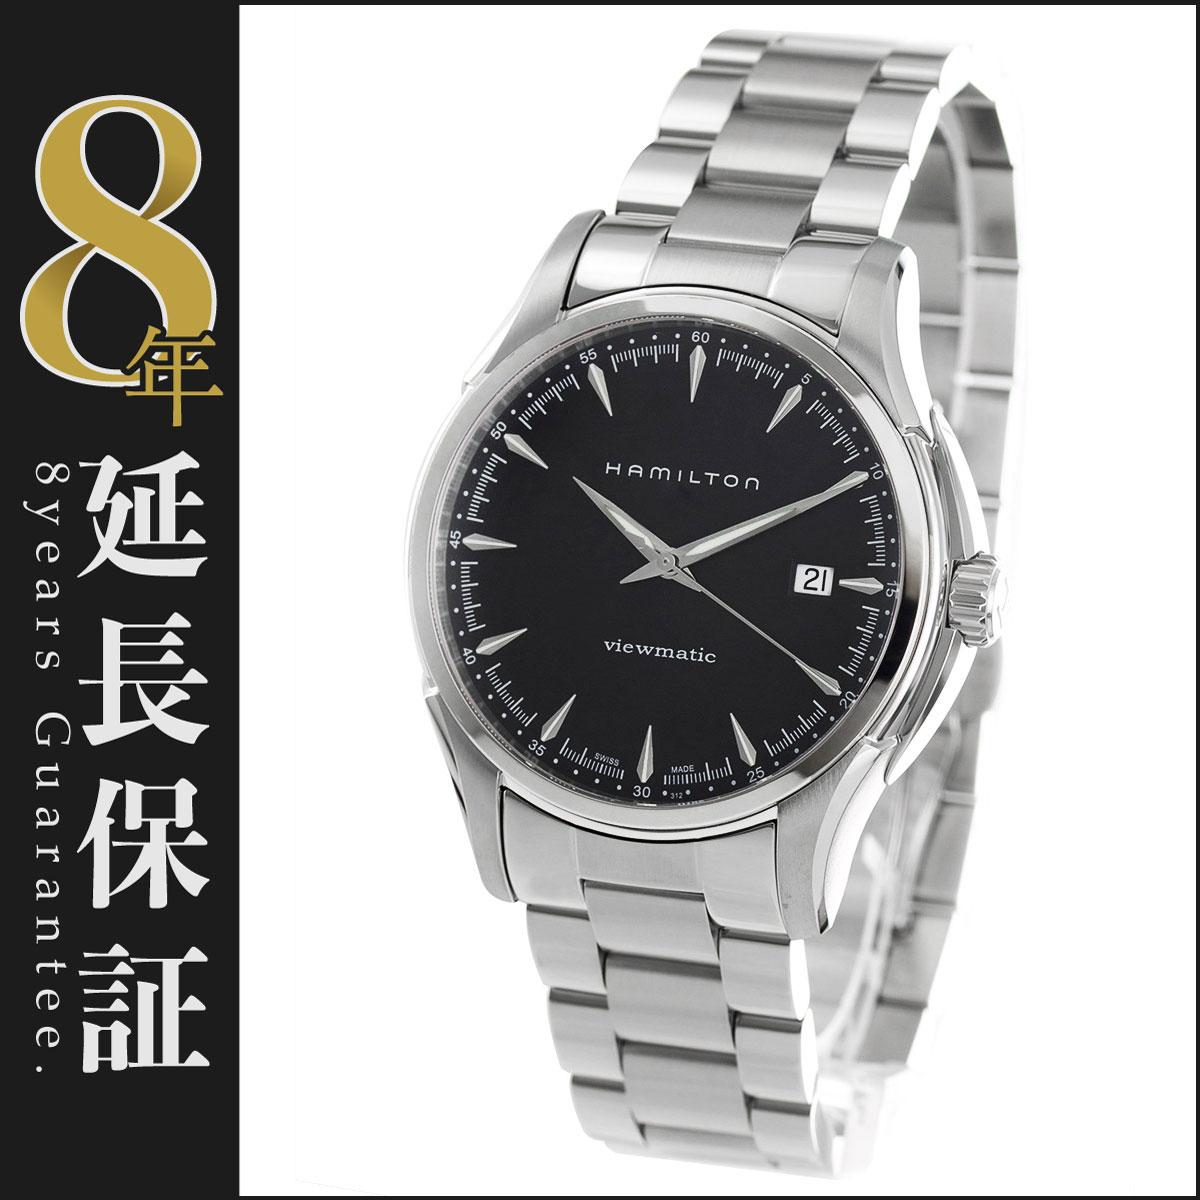 ハミルトン HAMILTON 腕時計 ジャズマスター ビューマチック メンズ H32665131_8